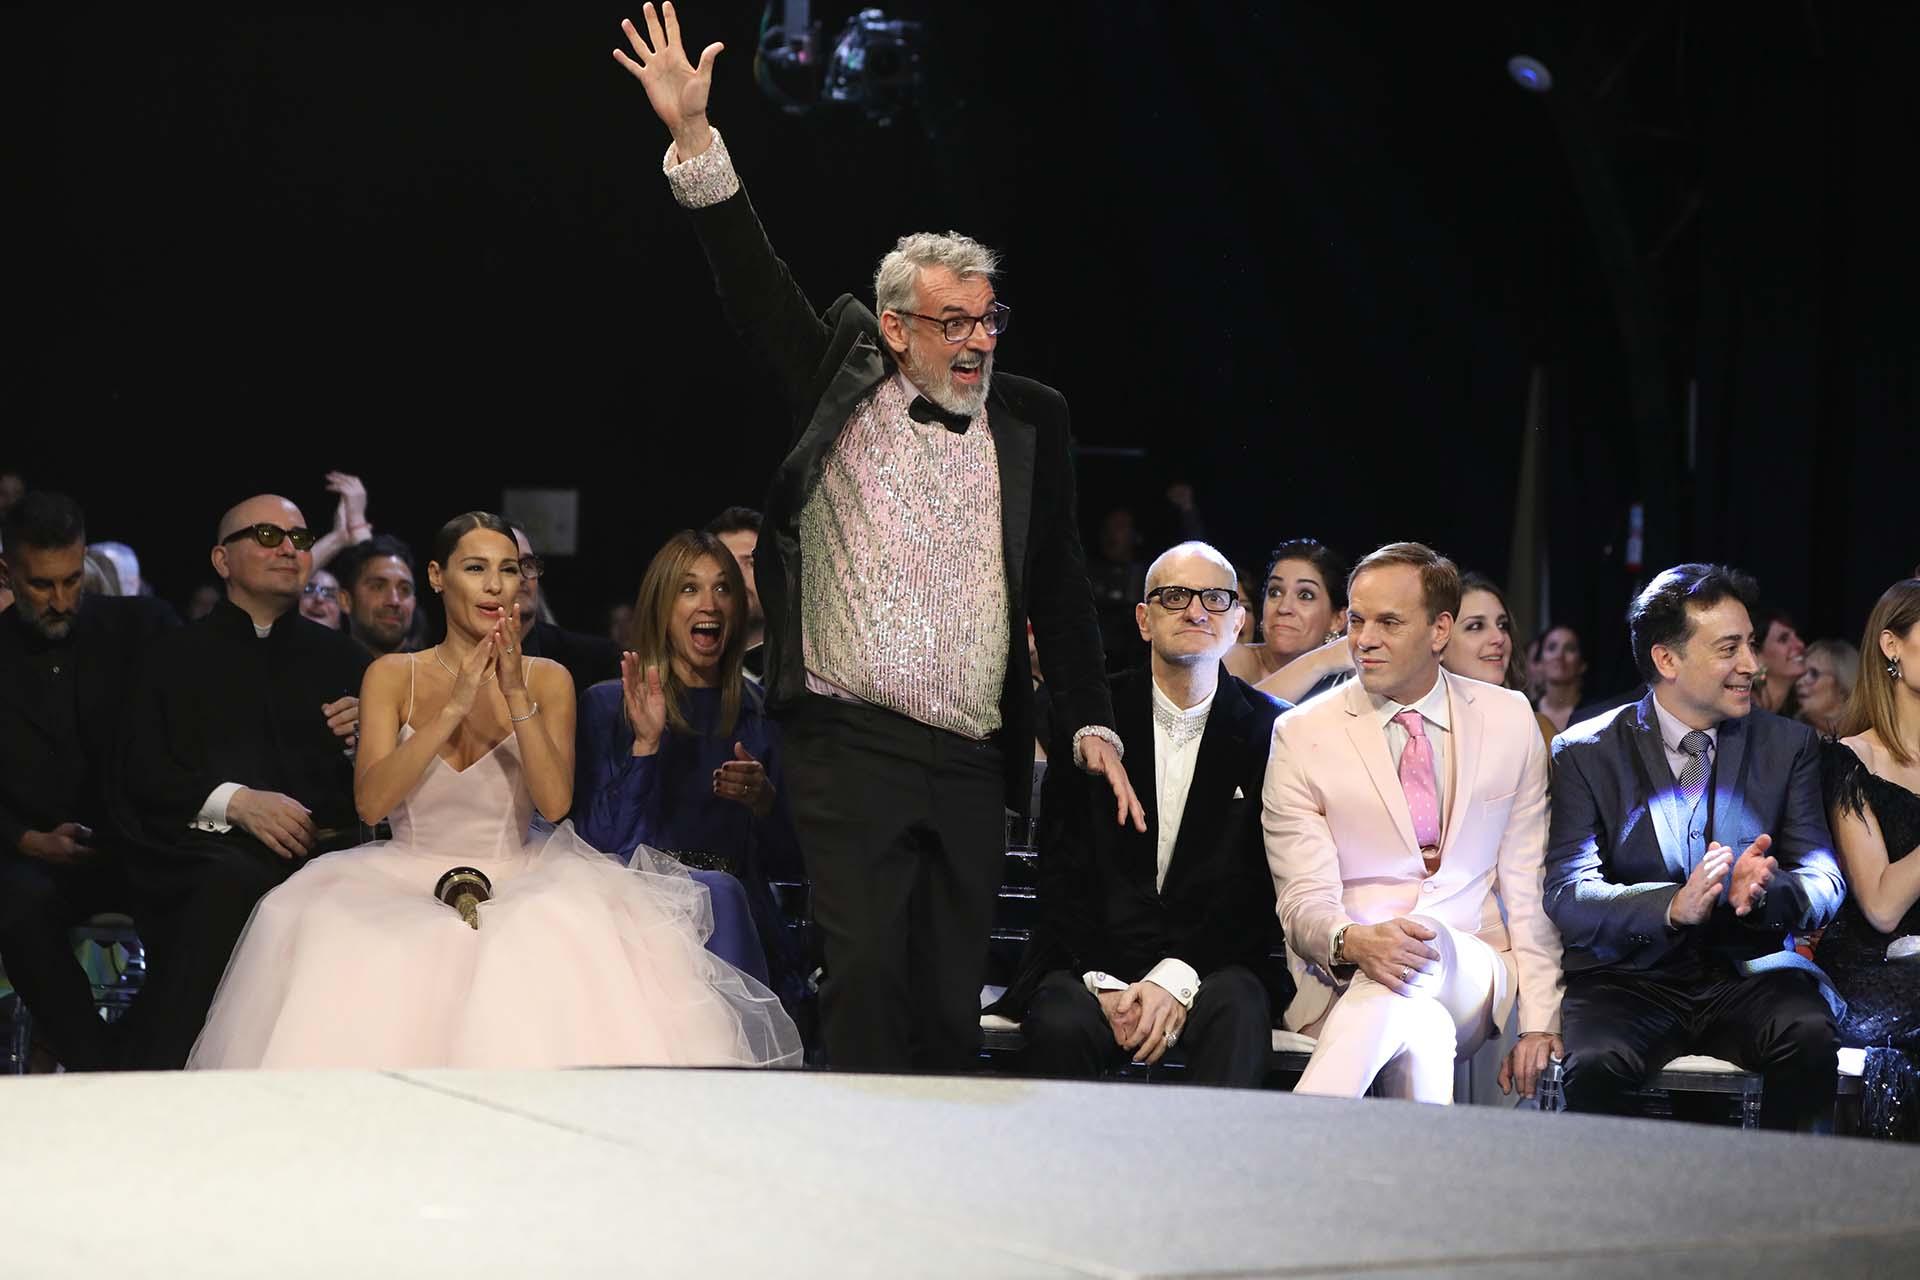 ¡Arriba las manos! Benito Fernández celebra el premio del programa Corte y Confección, El Trece, un éxito de LaFlia que ya fue vendido a México, Portugal y España